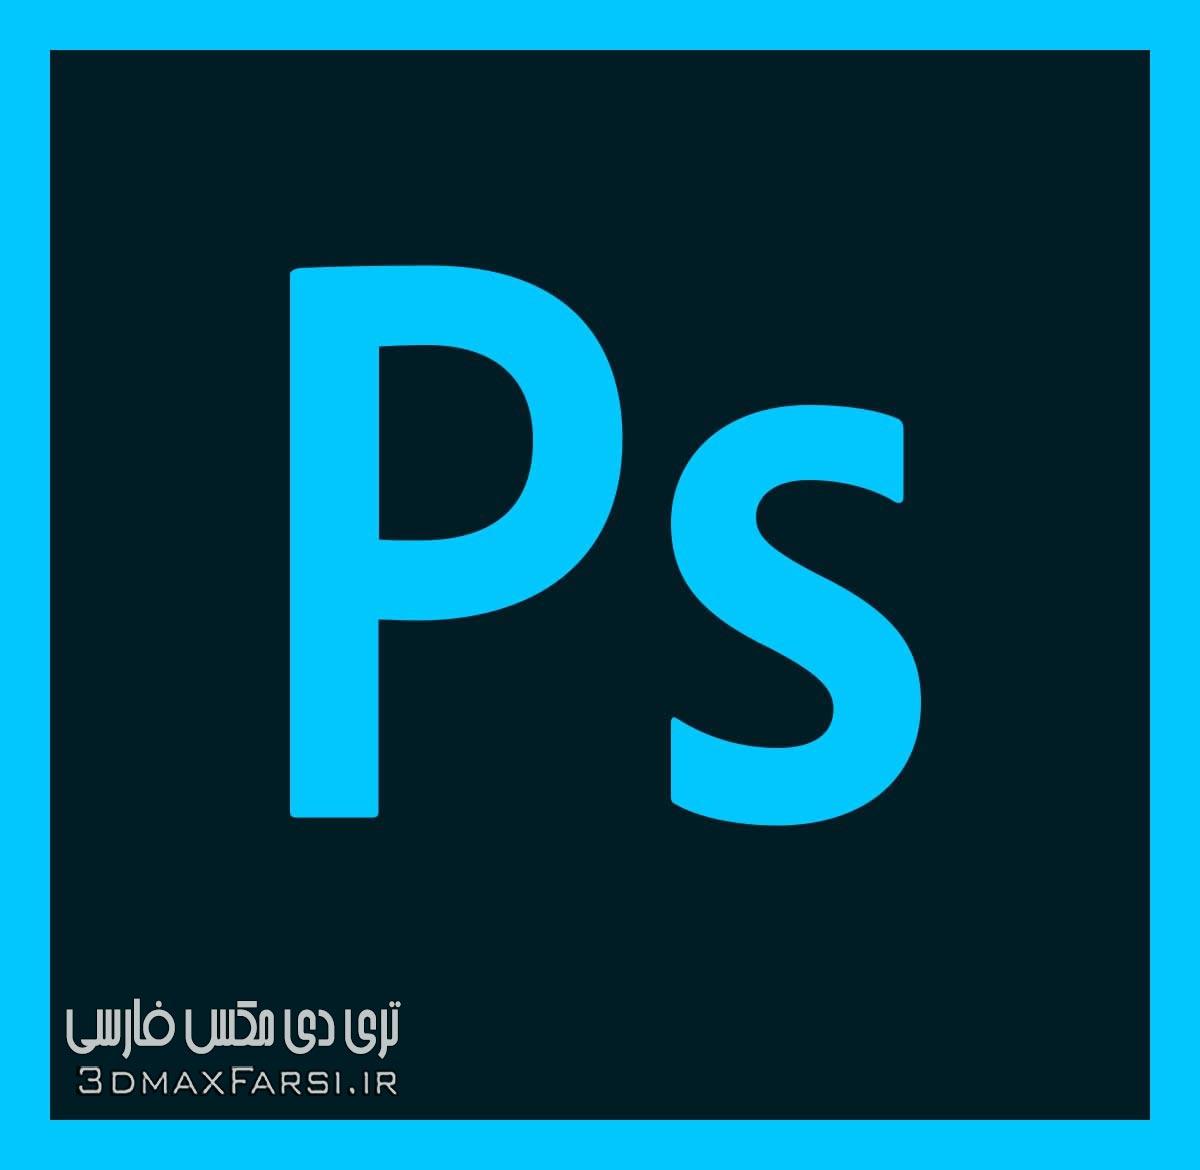 دانلود آموزش نرم افزار فتوشاپ Photoshop